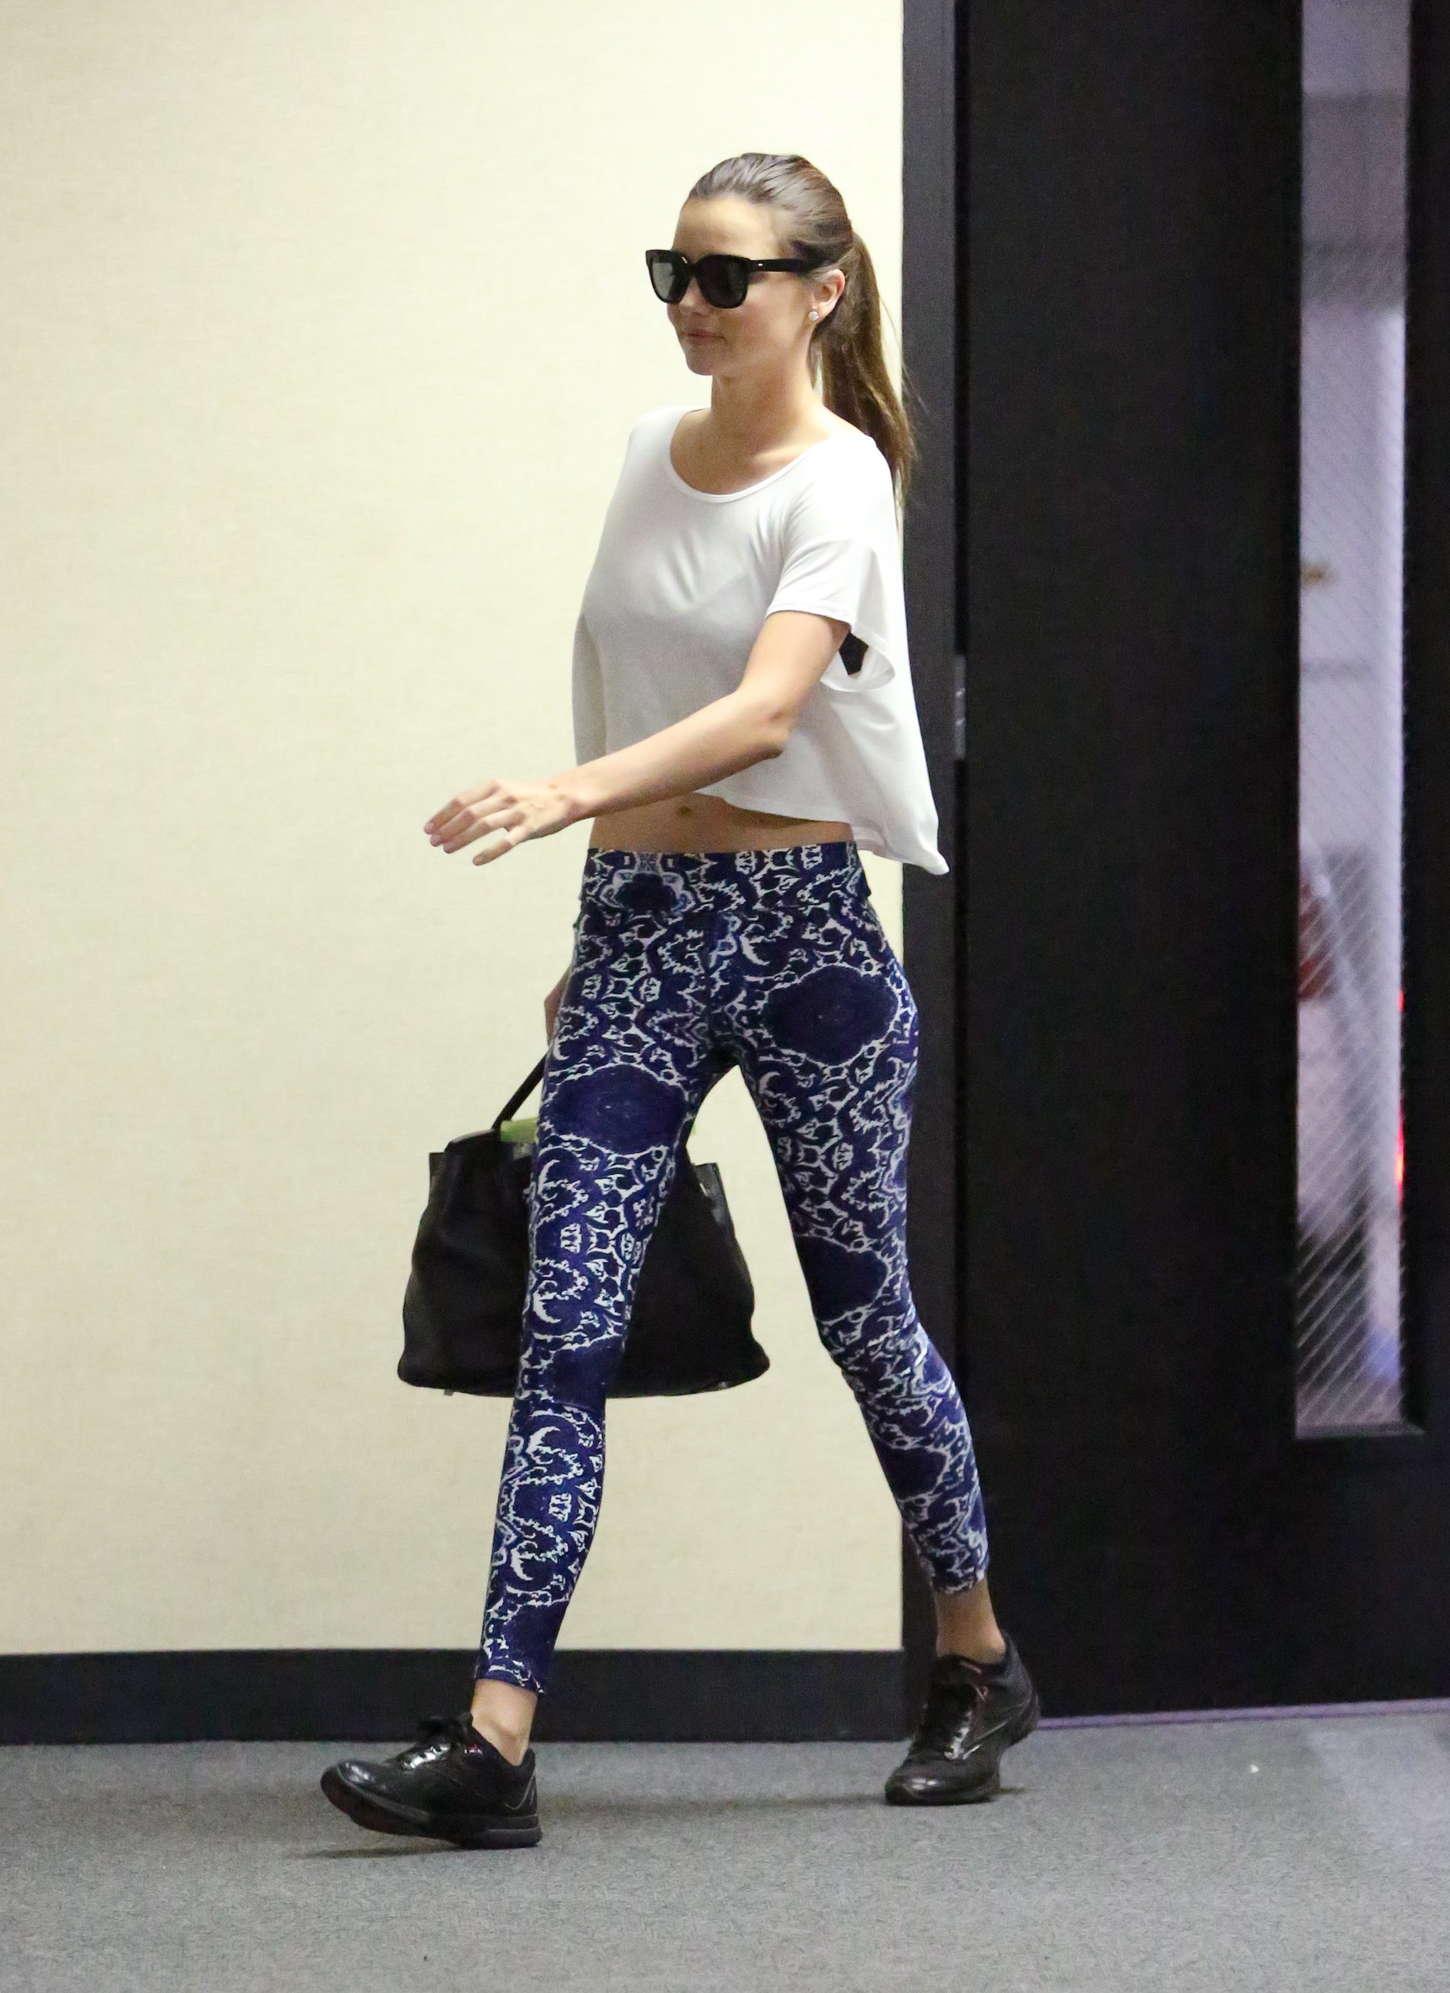 Miranda Kerr 2015 : Miranda Kerr in Leggings -14